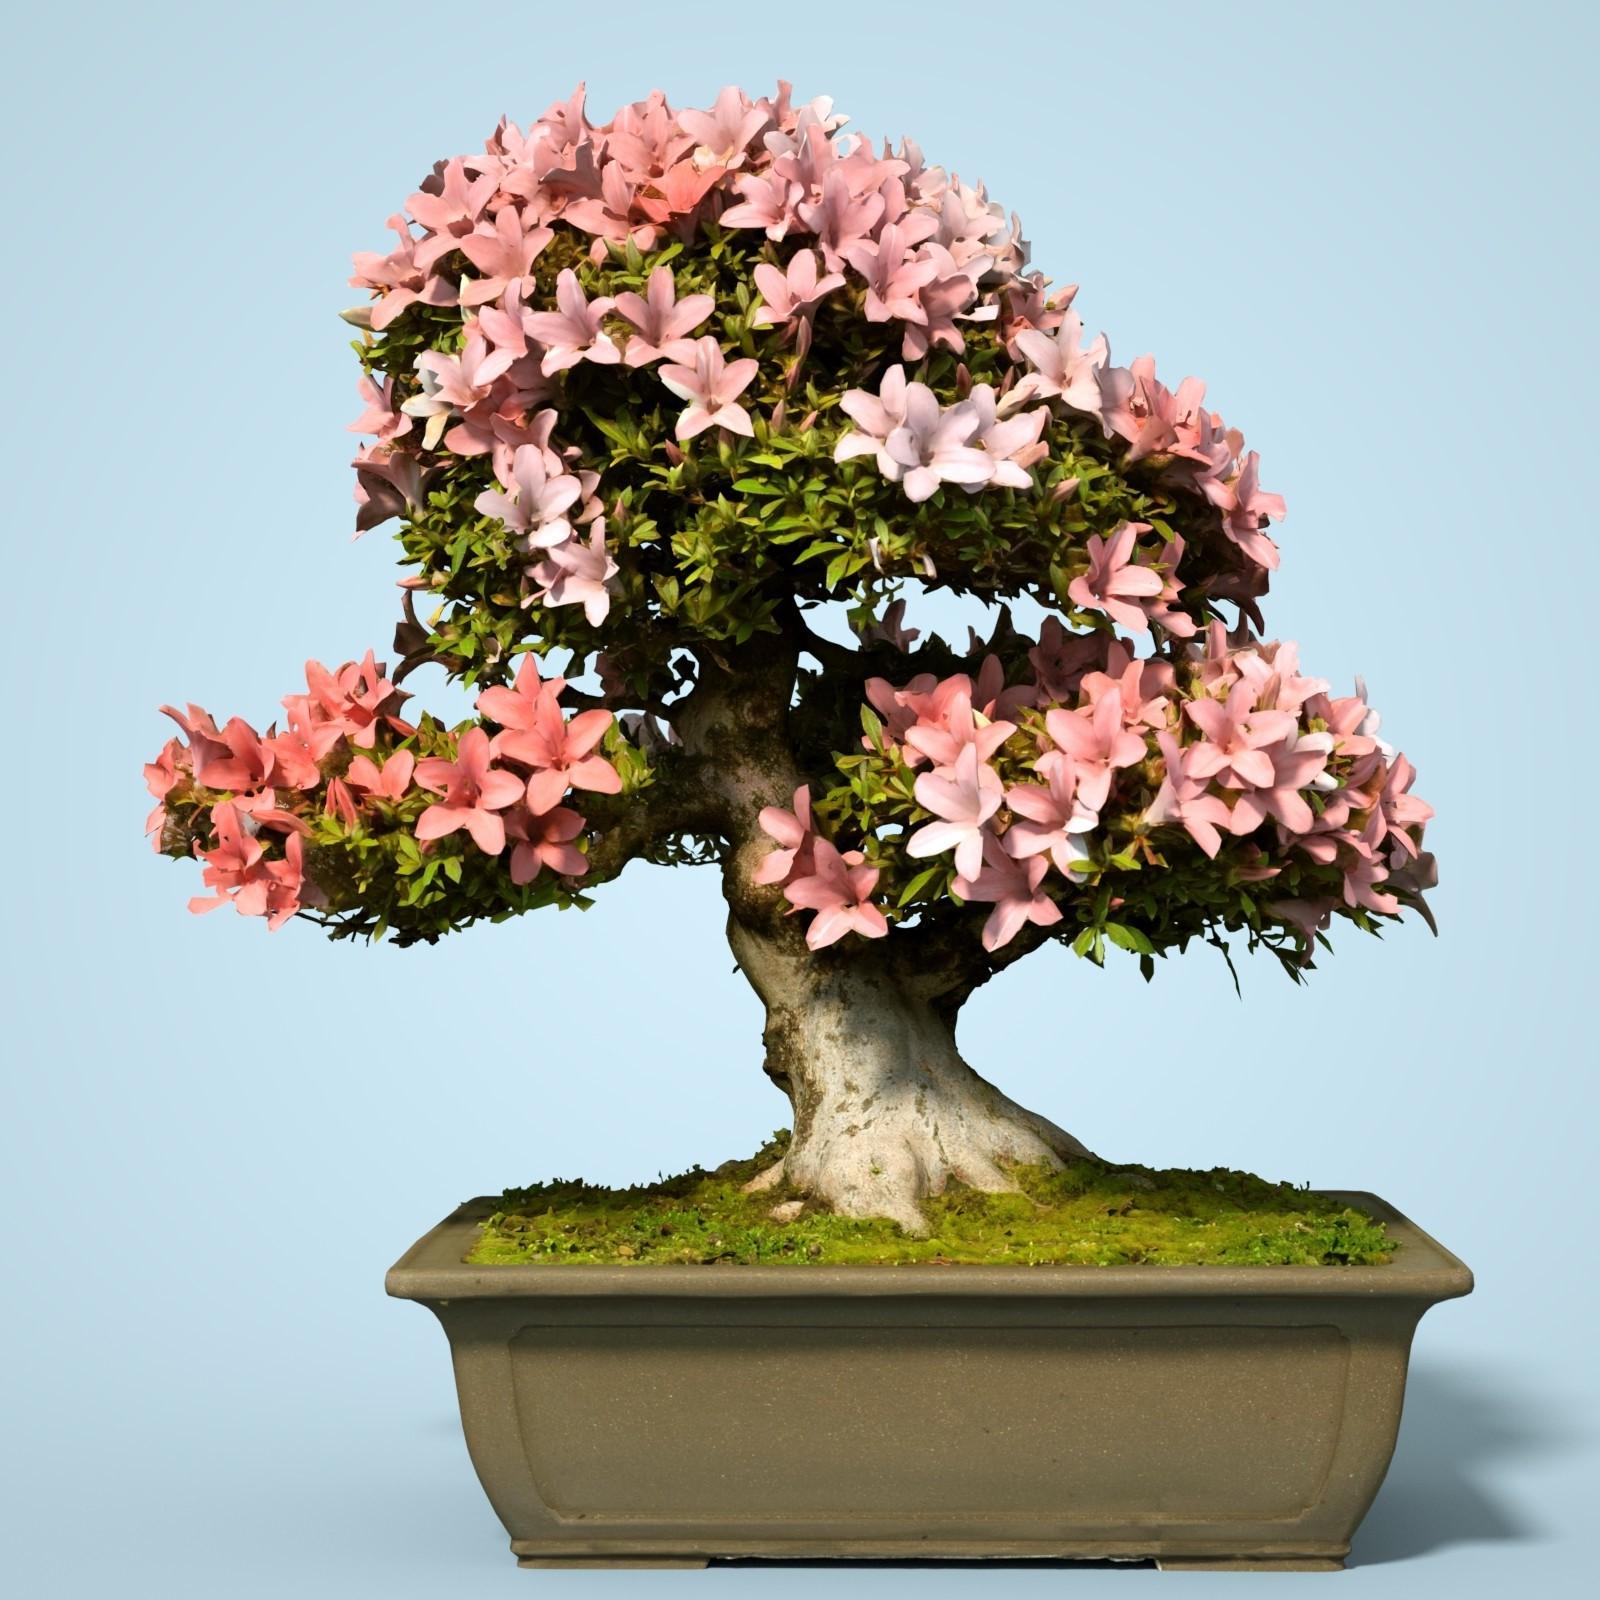 Le prix d'un bonsaï peut varier, tout comme la qualité de l'arbre que vous achetez.